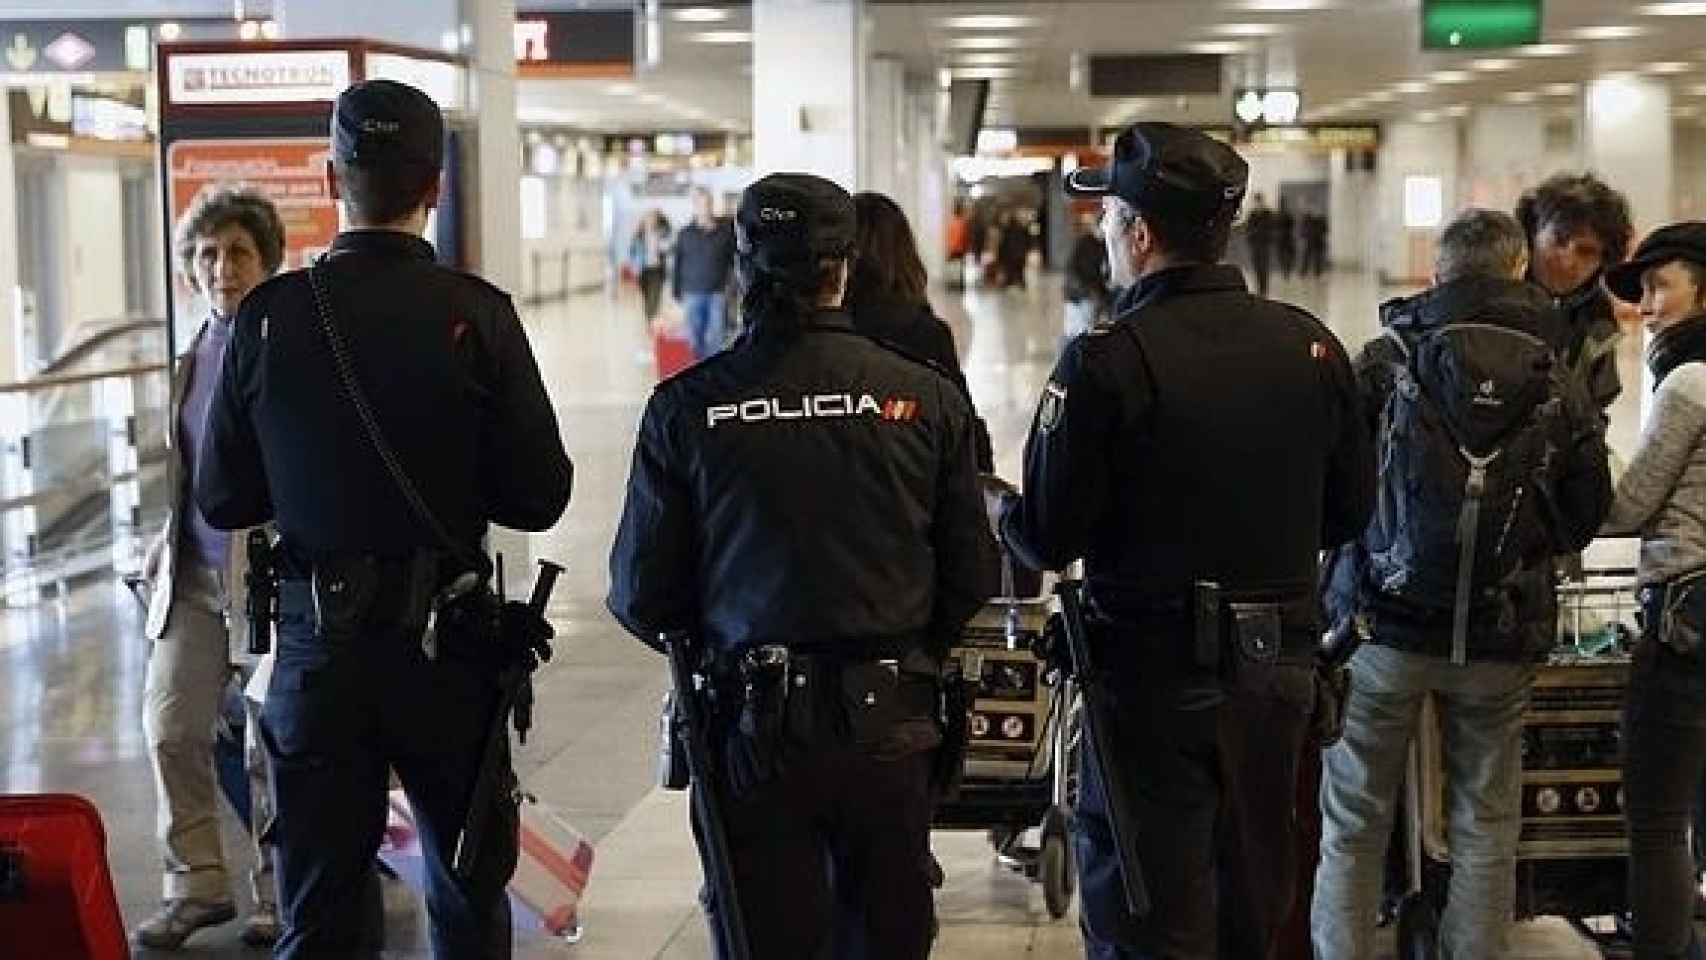 Agentes de la Policía Nacional patrullan el aeropuerto Adolfo Suárez Madrid-Barajas.